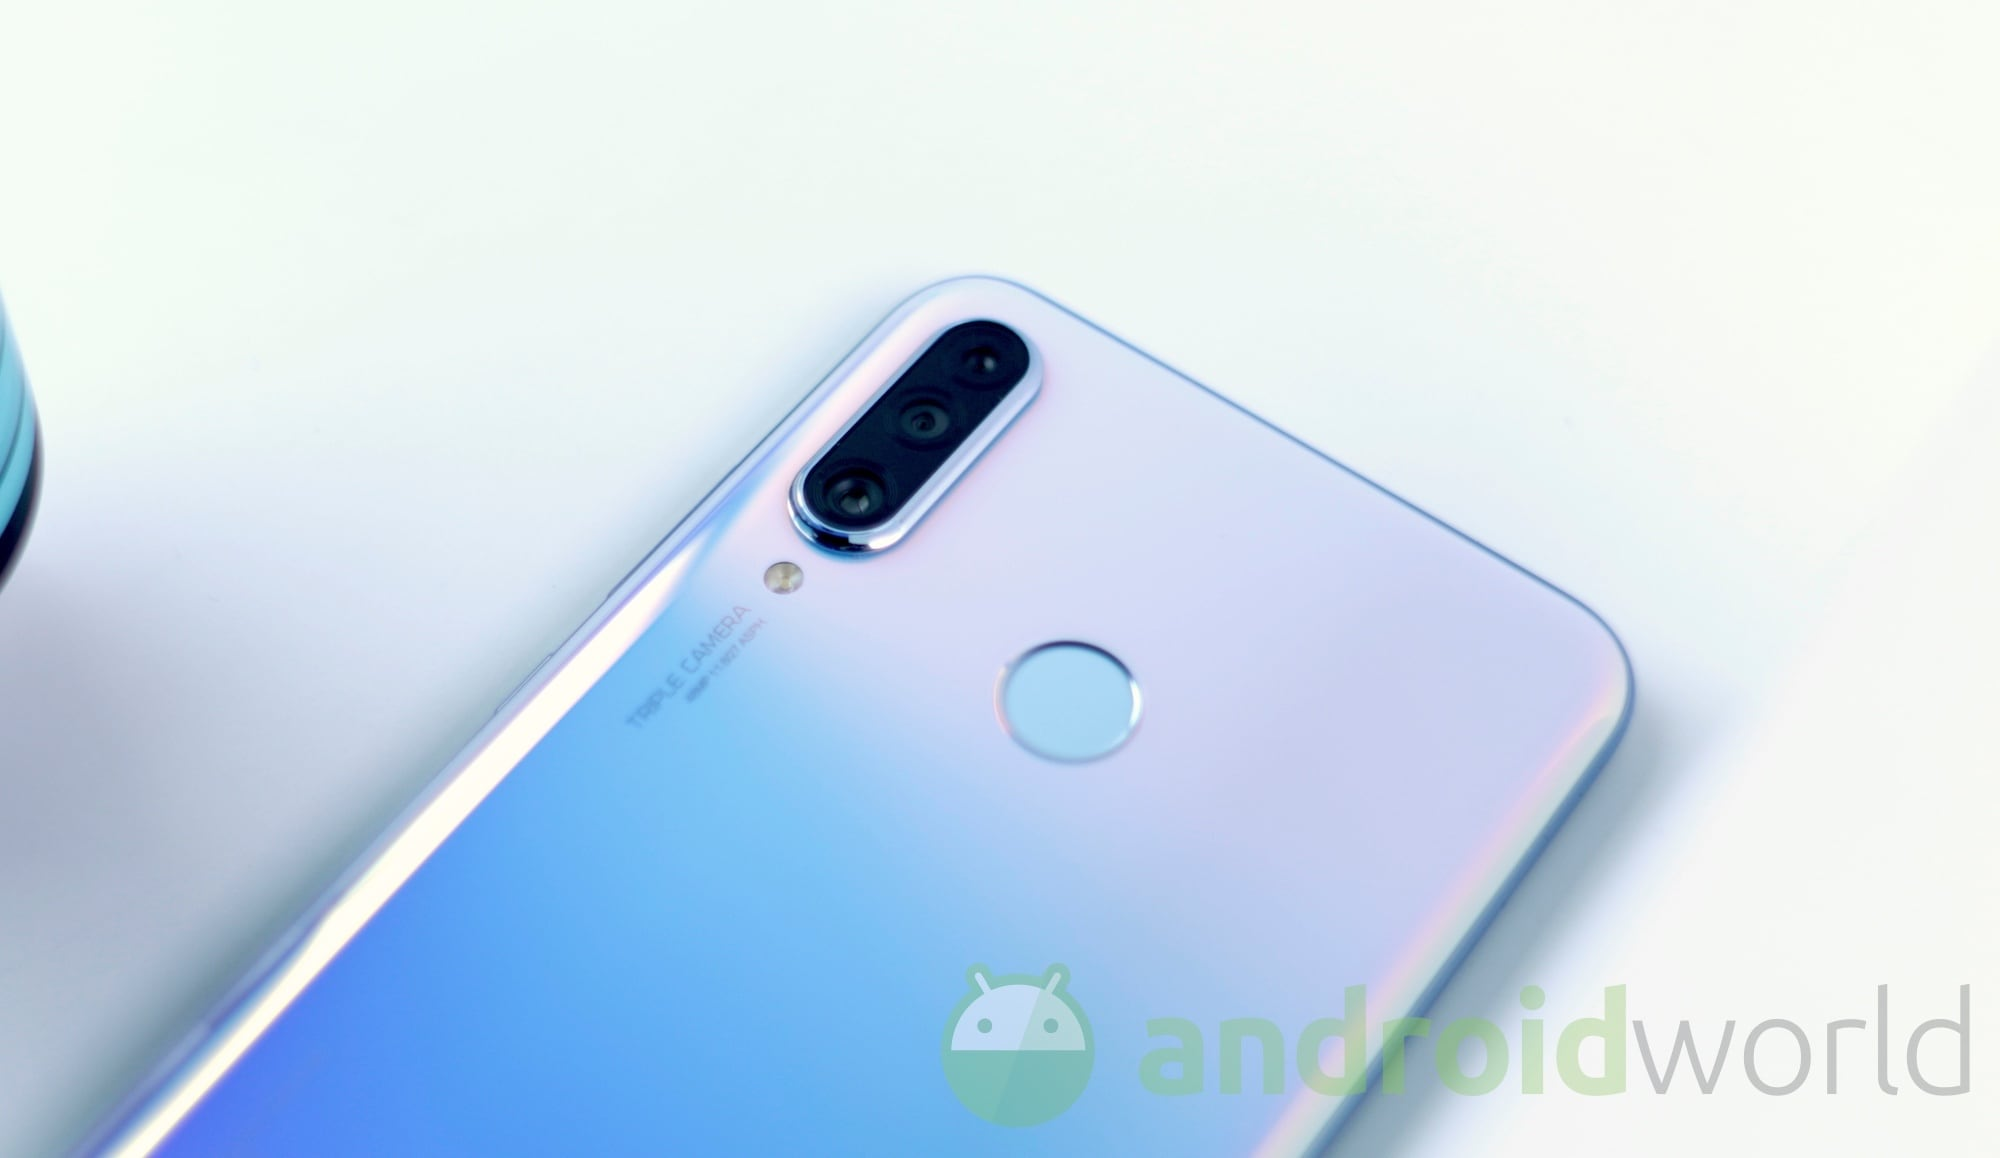 Huawei elargisce patch di sicurezza: aggiornamenti per P30 Lite, P Smart+ 2019 e Y7p